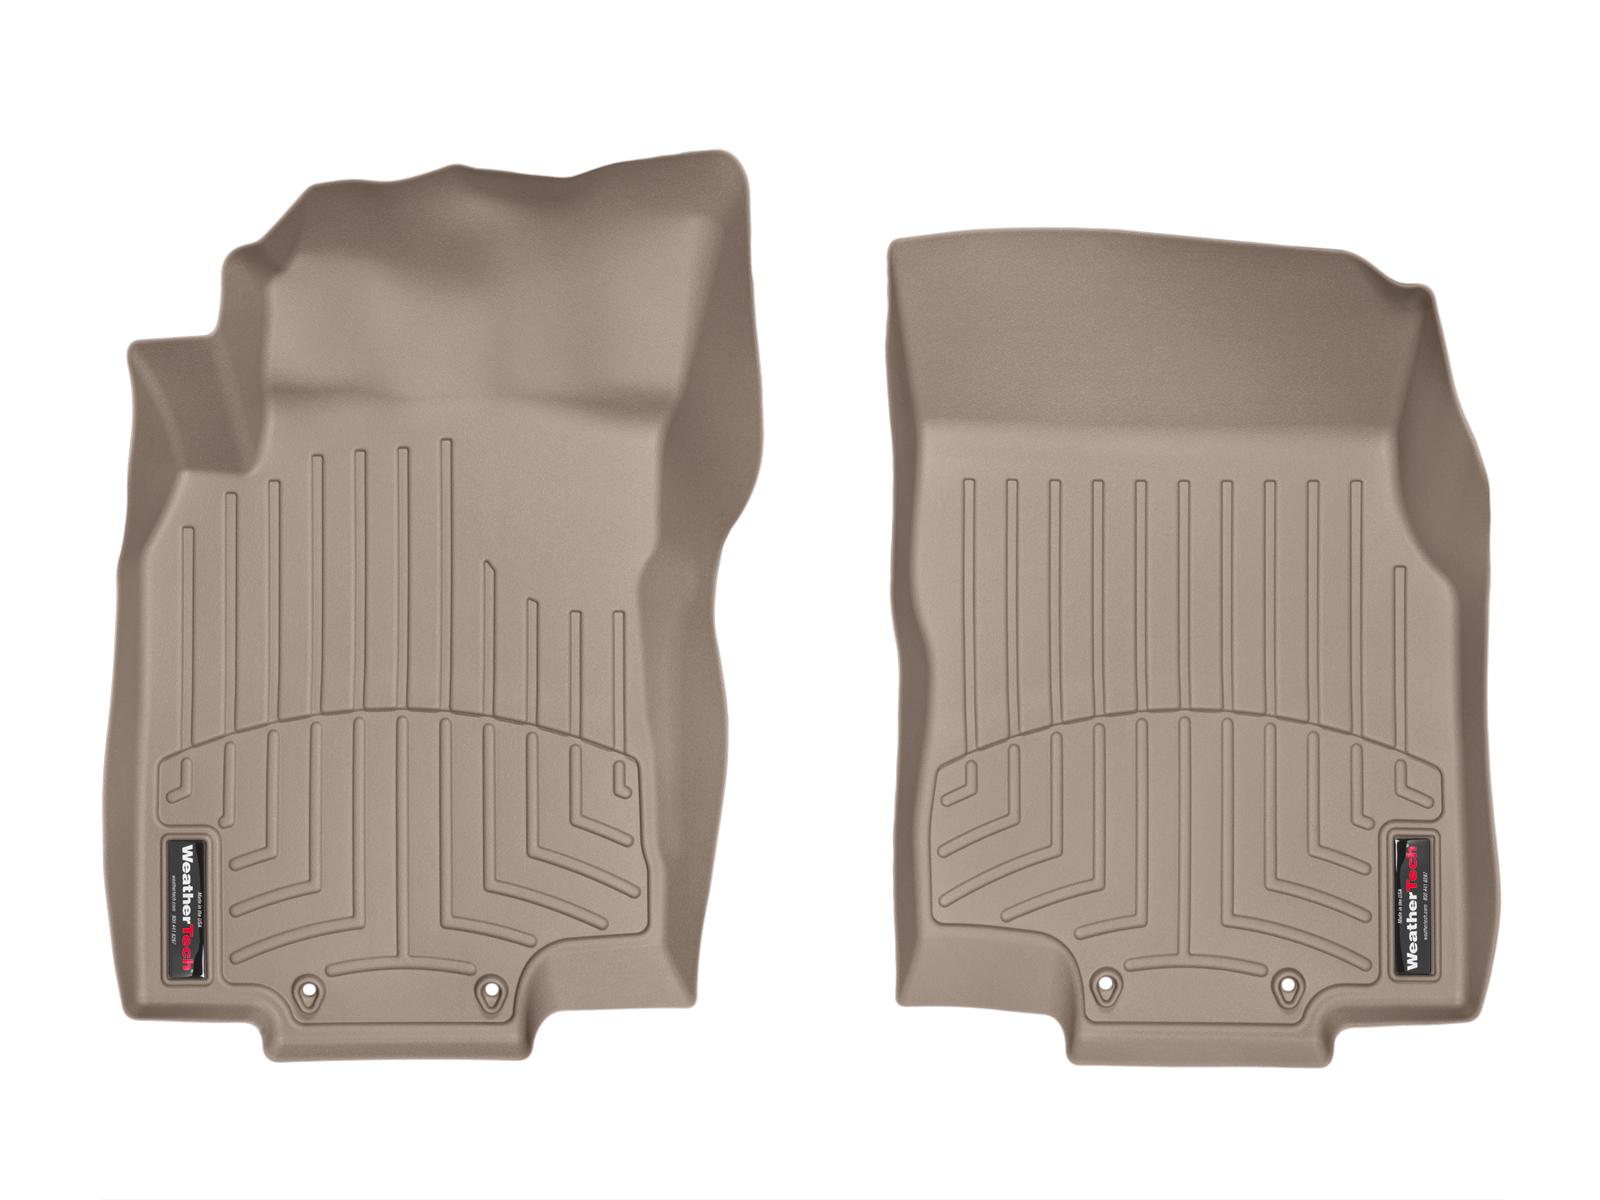 Tappeti gomma su misura bordo alto Nissan X-Trail 15>17 Marrone A2941